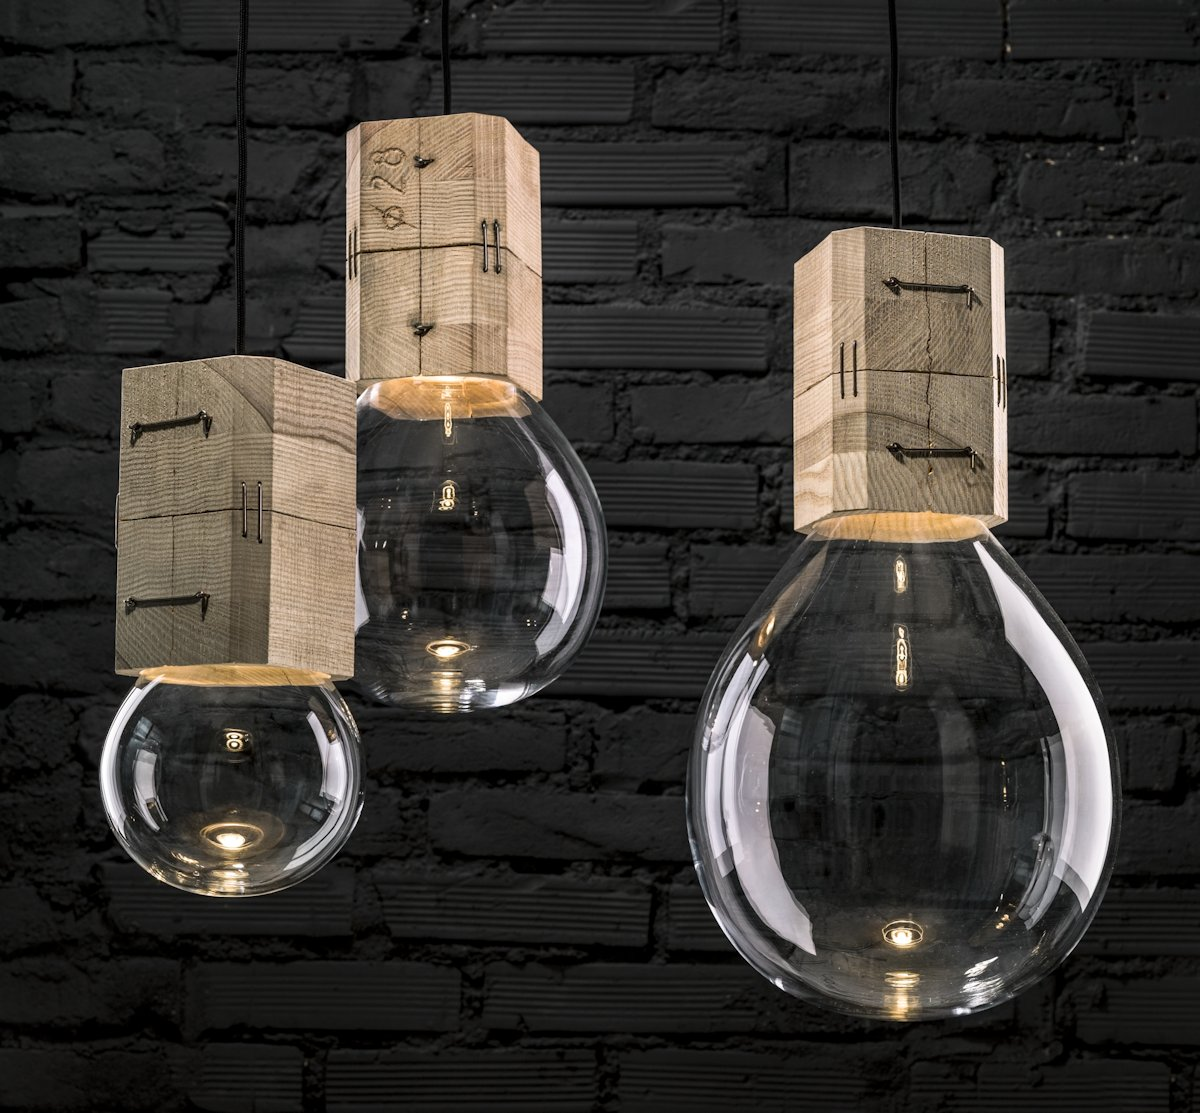 Jan Plechac & Henry Wielgus, мебель Lasvit, лампа Moulds, дизайнерская мебель, дизайнерские предметы интерьера, необычное освещение в доме